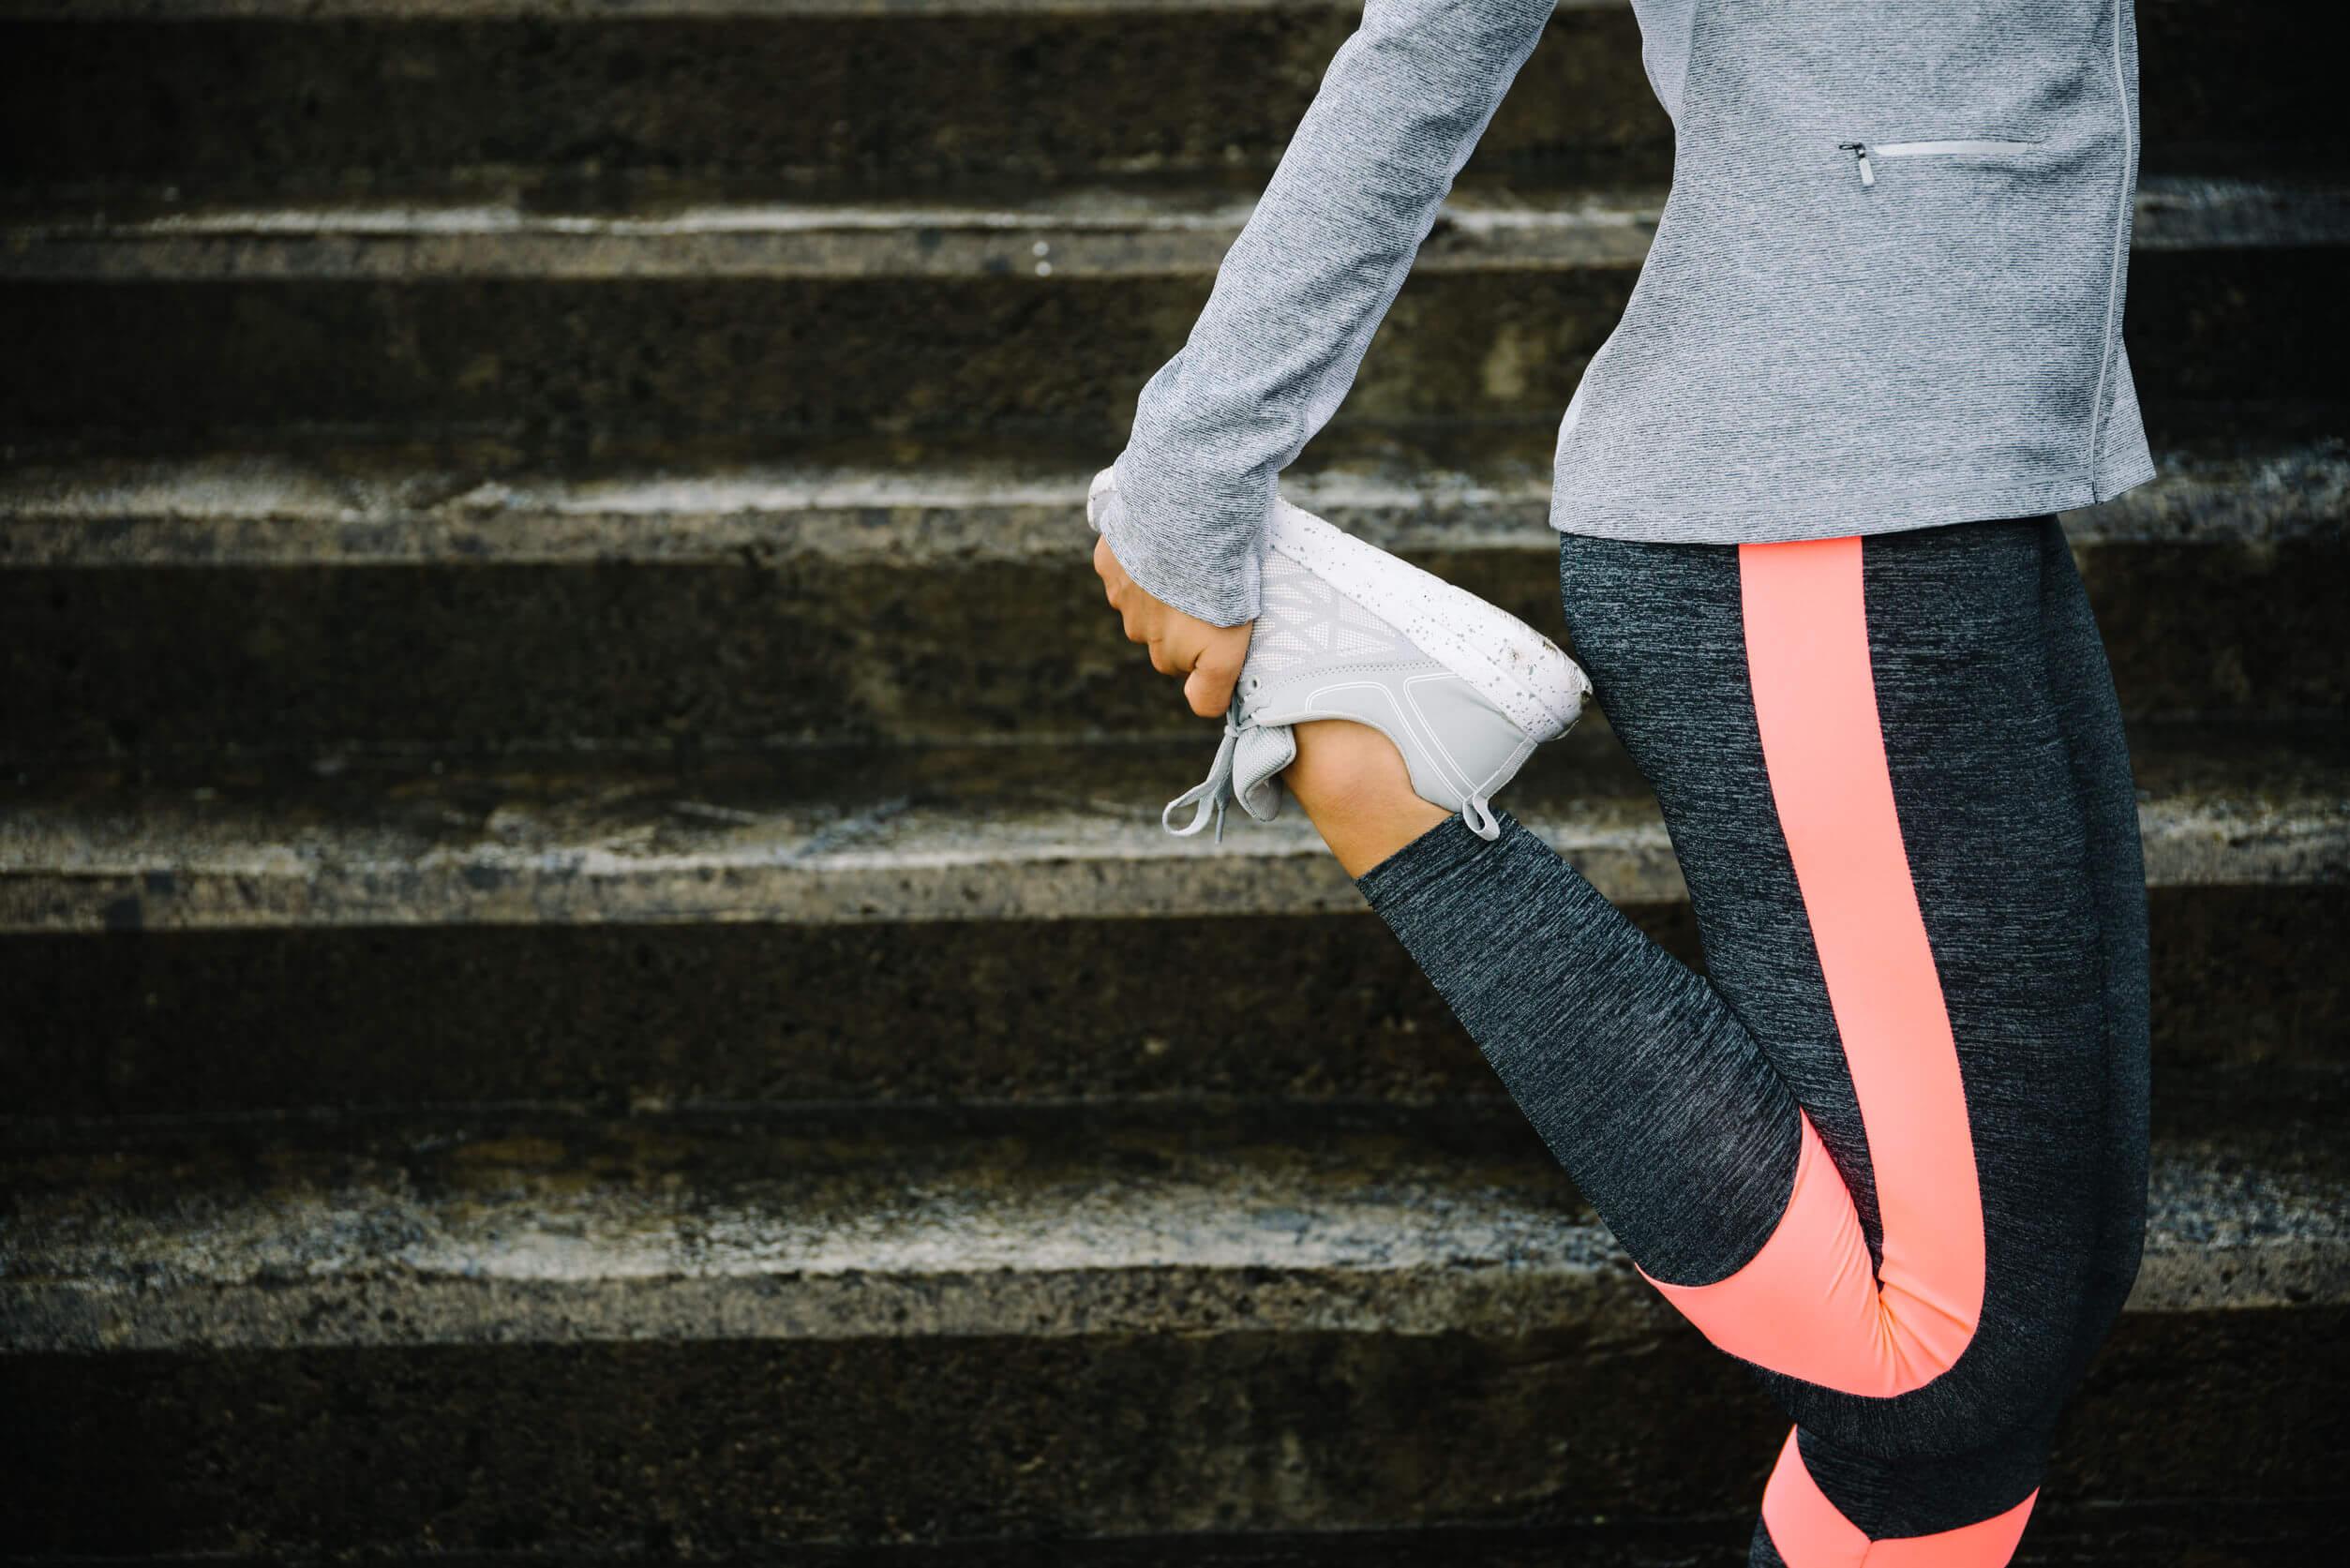 Los mejores ejercicios para aumentar la flexibilidad